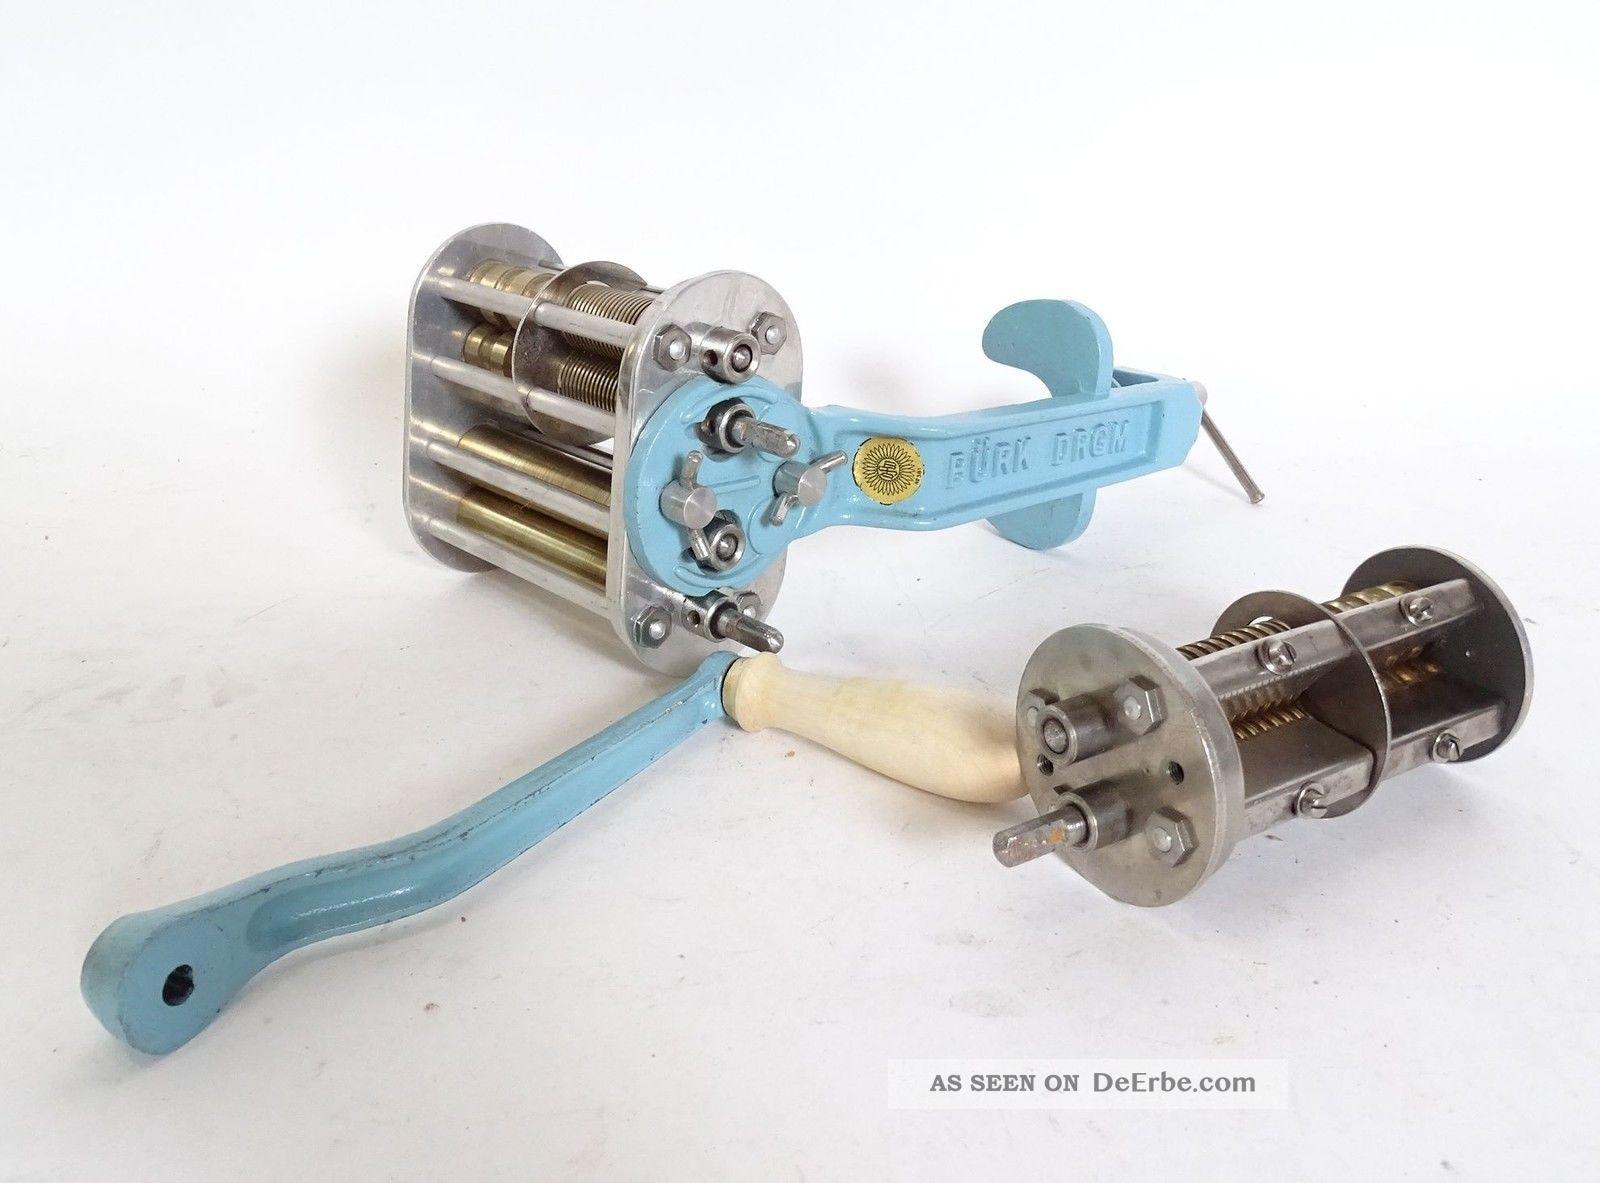 BÜrk Drgm No.  581 Nudelmaschine Nudelwalze Haushalt Bild